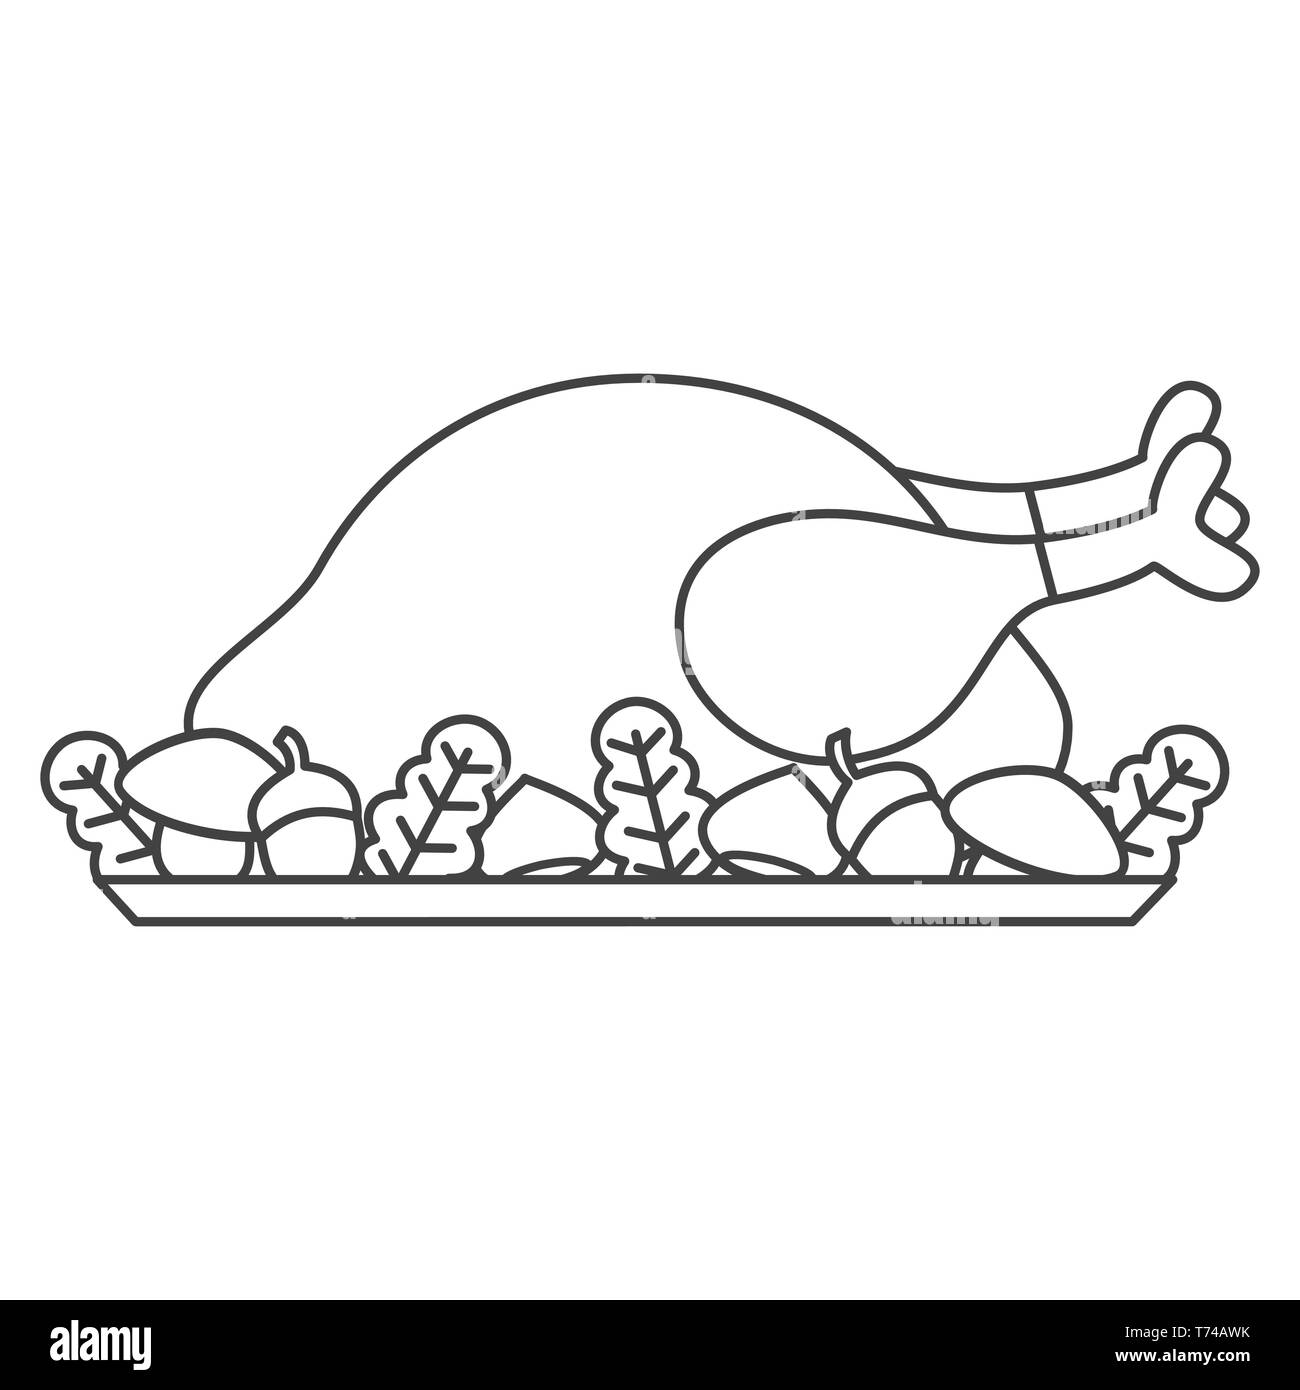 Caricatura En Blanco Y Negro Pavo Asado Del Día De Acción De